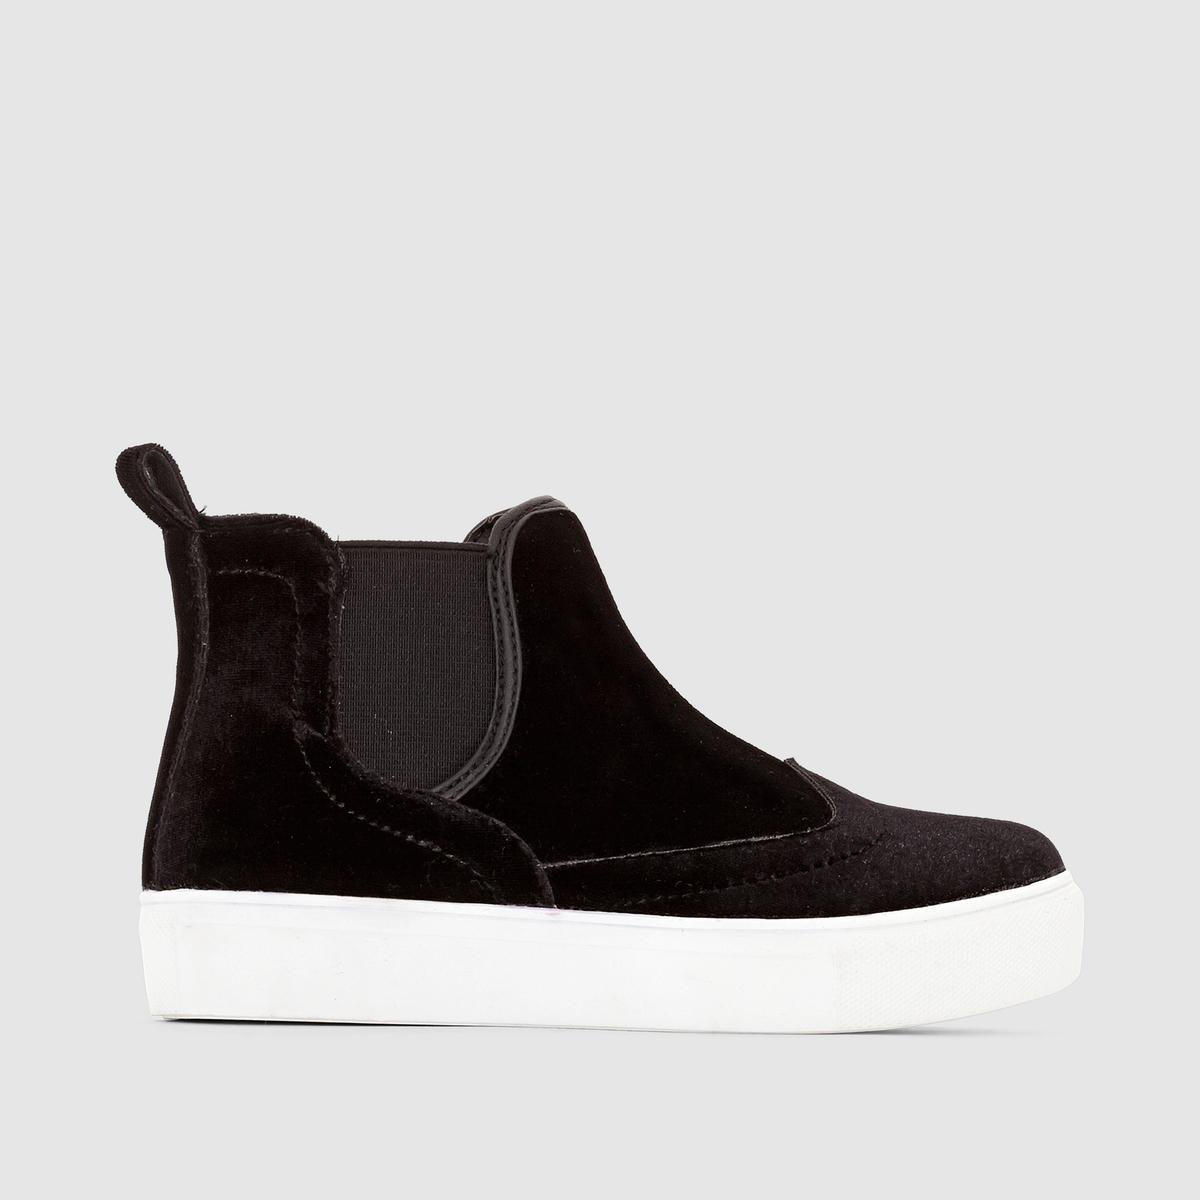 Кеды из замши в стиле челсиПрекрасная модель в стиле челси, контрастная подошва, комфортные и классные кеды:их надевают, не задумываясь, с джинсами или юбкой !<br><br>Цвет: черный<br>Размер: 34.32